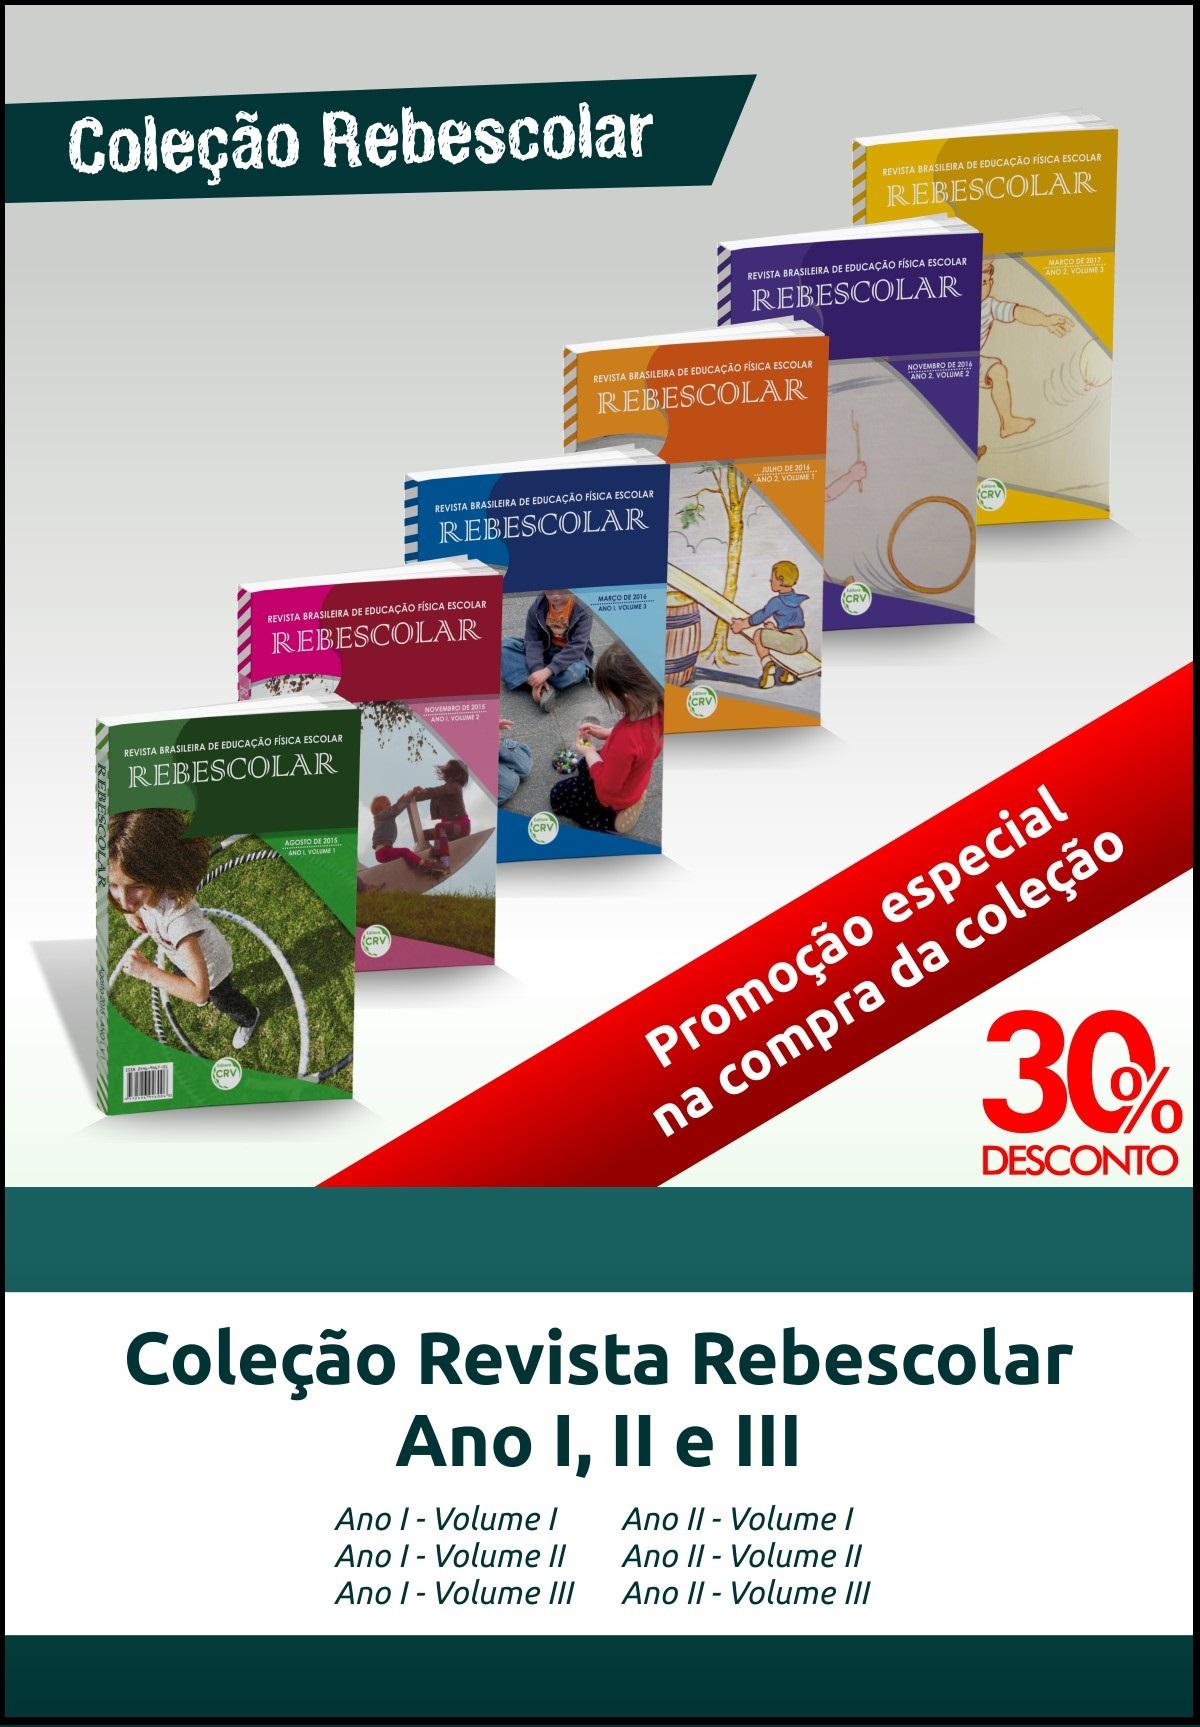 Capa do livro: COLEÇÃO REVISTA REBESCOLAR<br>(ANO I - VOL I, VOL II E VOL III)<br>(ANO II - VOL I, VOL II E VOL III)